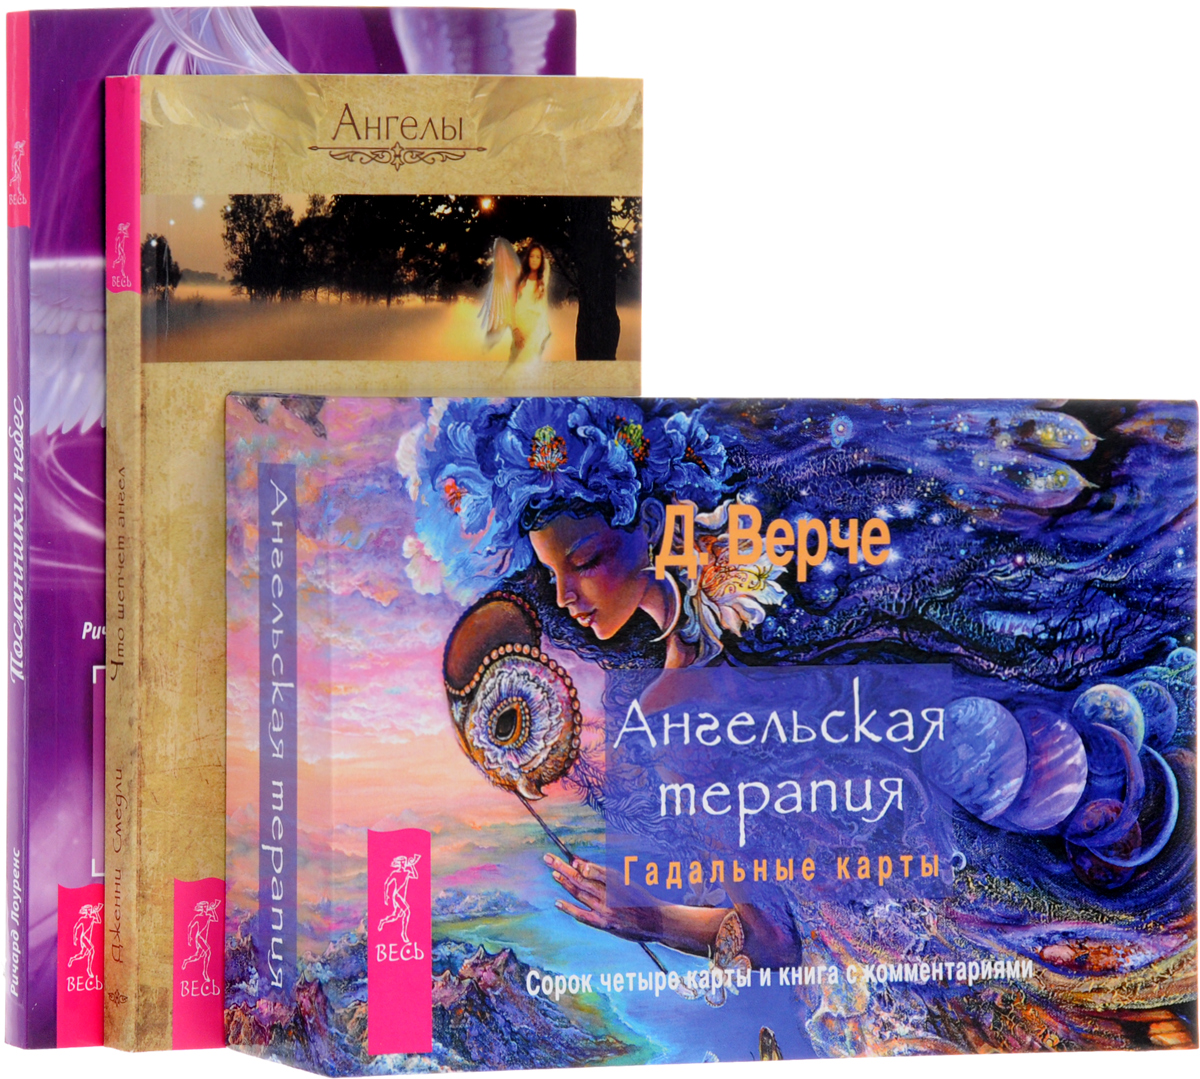 Д. Верче, Ричард Лоуренс, Дженни Смедли Ангельская терапия. Посланник небес. Что шепчет ангел (комплект из 3 книг + набор из 44 карт) оксана пелипенко чик цицеро сандра табата цицеро дорин верче ангельская академия ангелы талисманы комплект из 2 книг и колоды карт